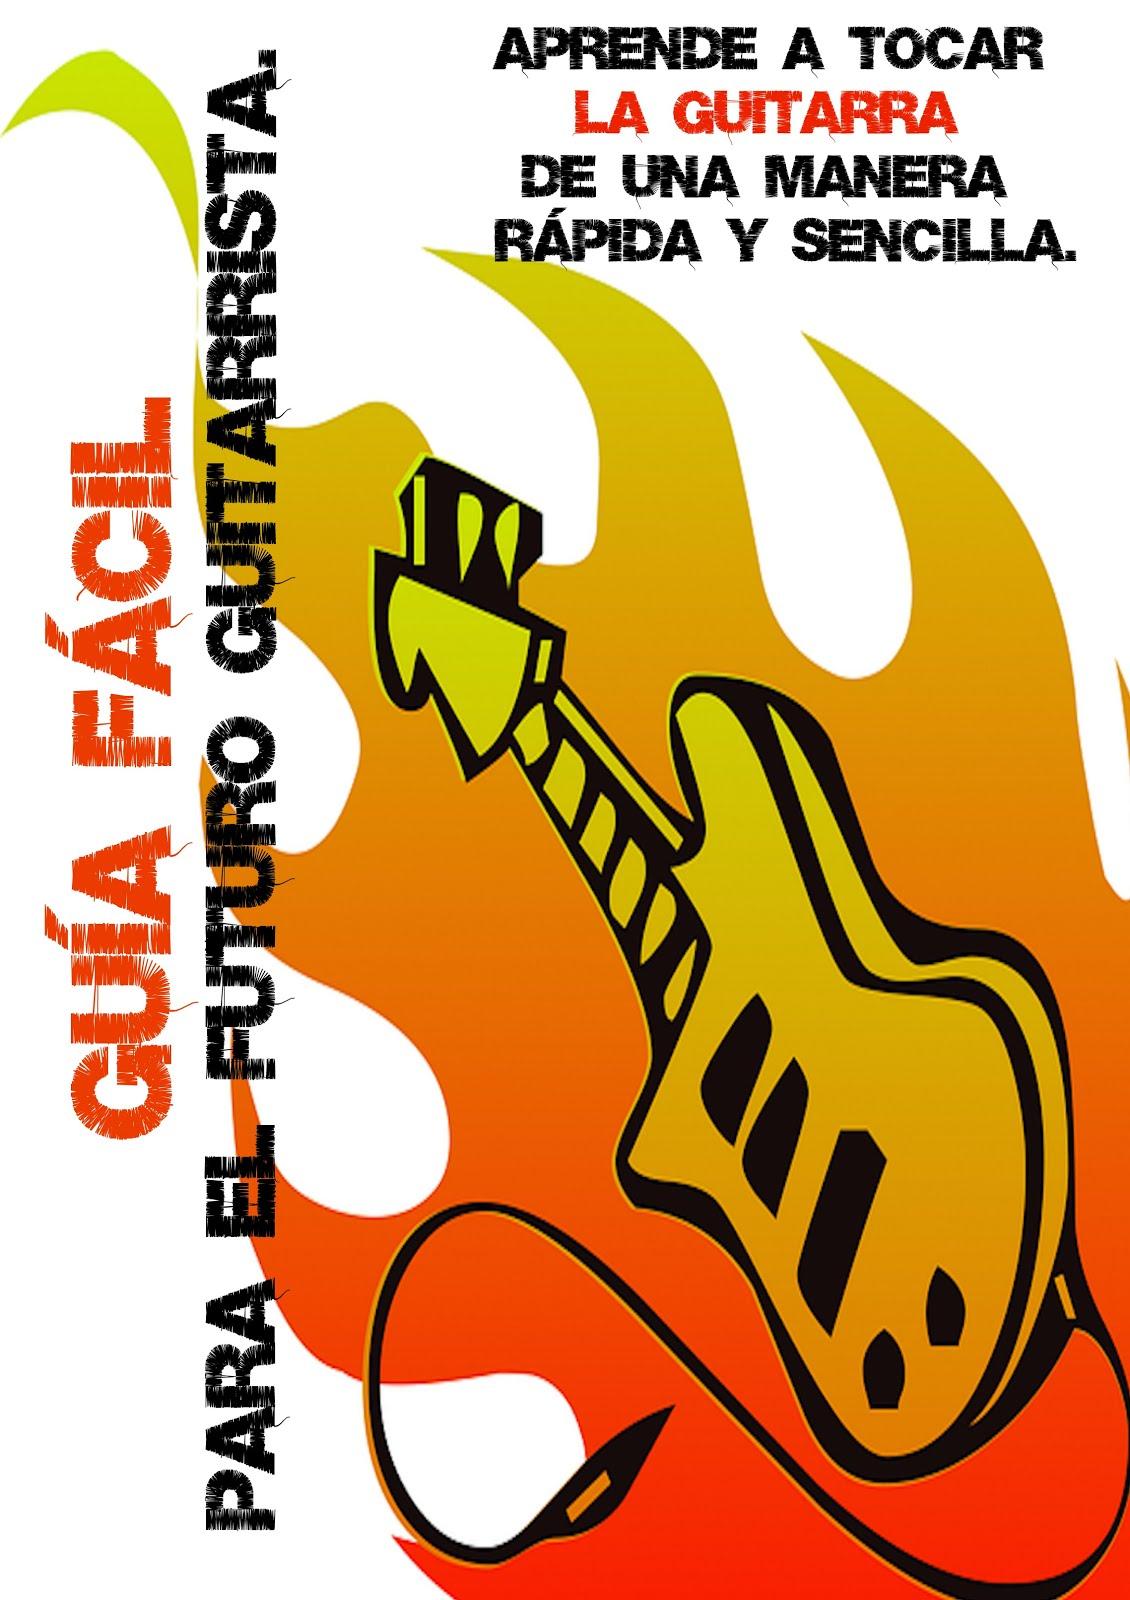 Aprende a tocar la guitarra ya!!